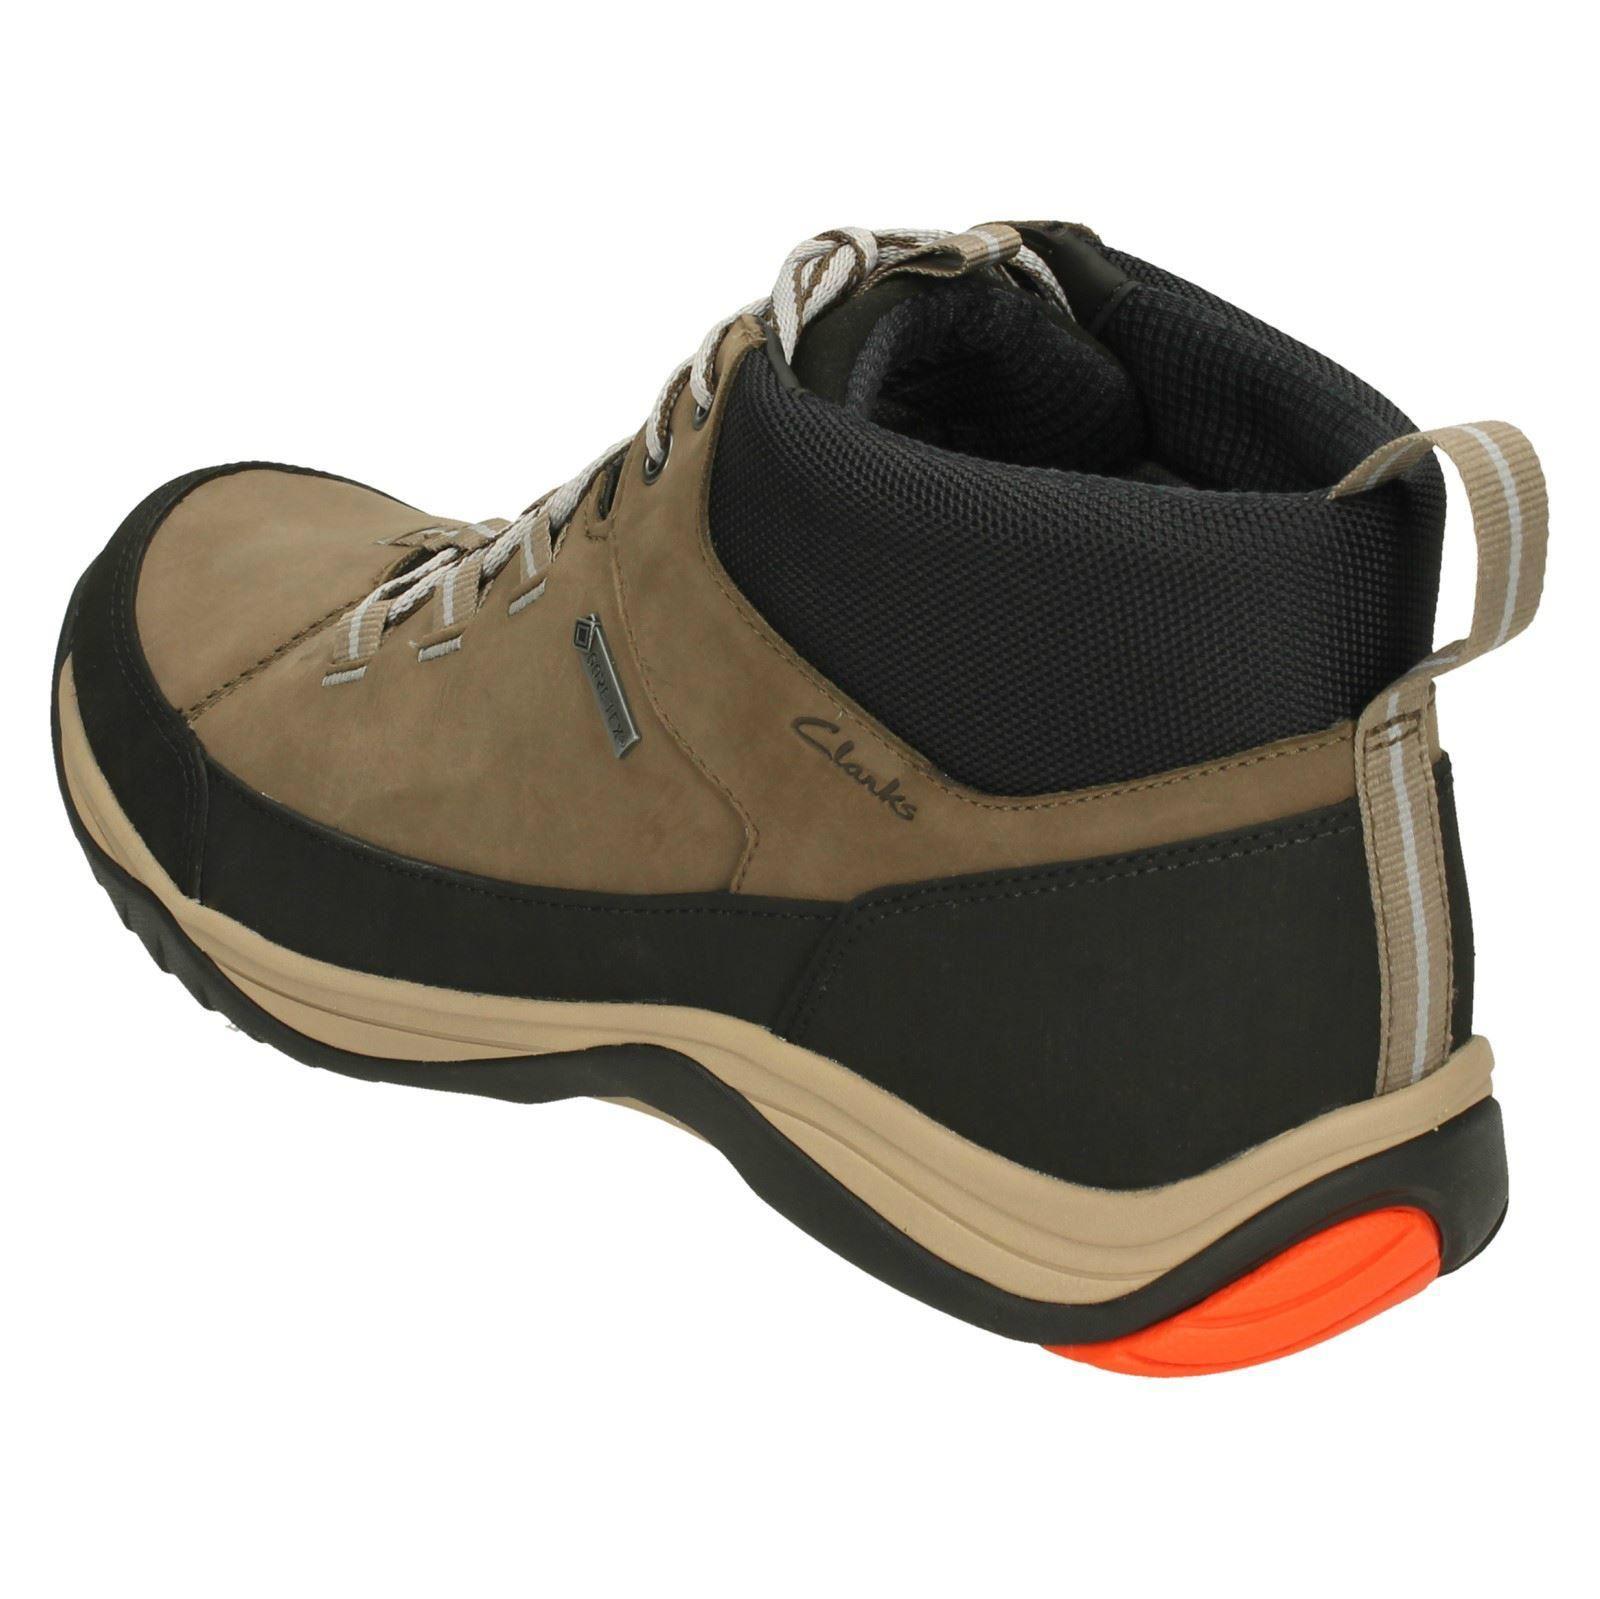 marrón Hi para caminar Seta hombre Baystone Gtx para Clarks Botas zvpRwaqv